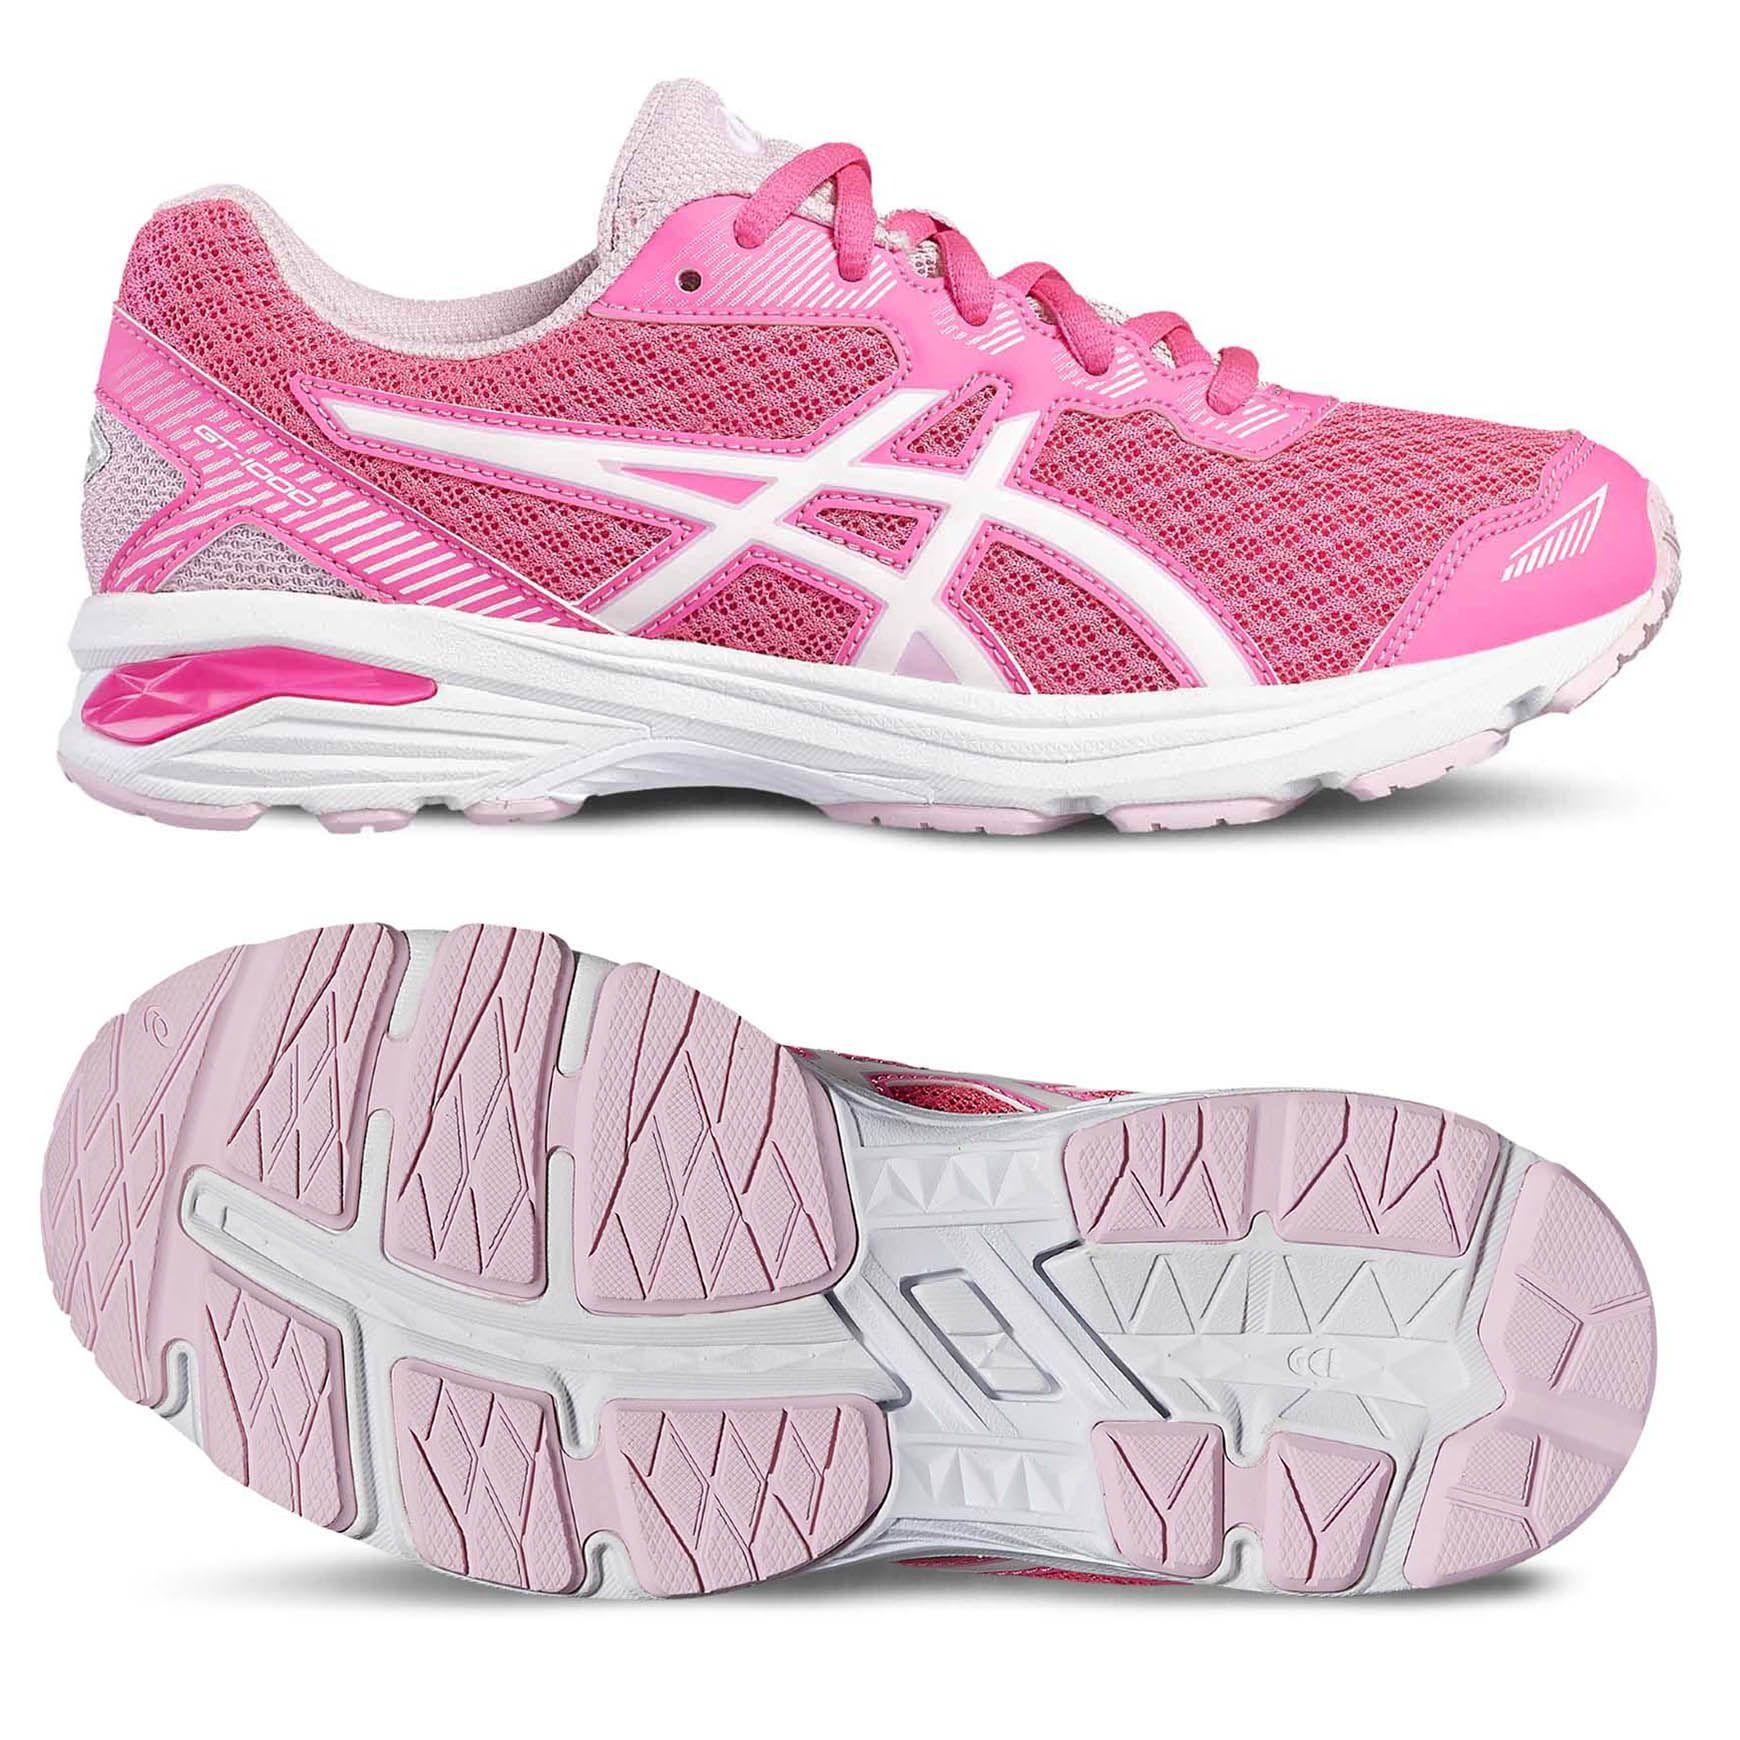 Asics GT-1000 5 GS Girls Running Shoes - Sweatband.com